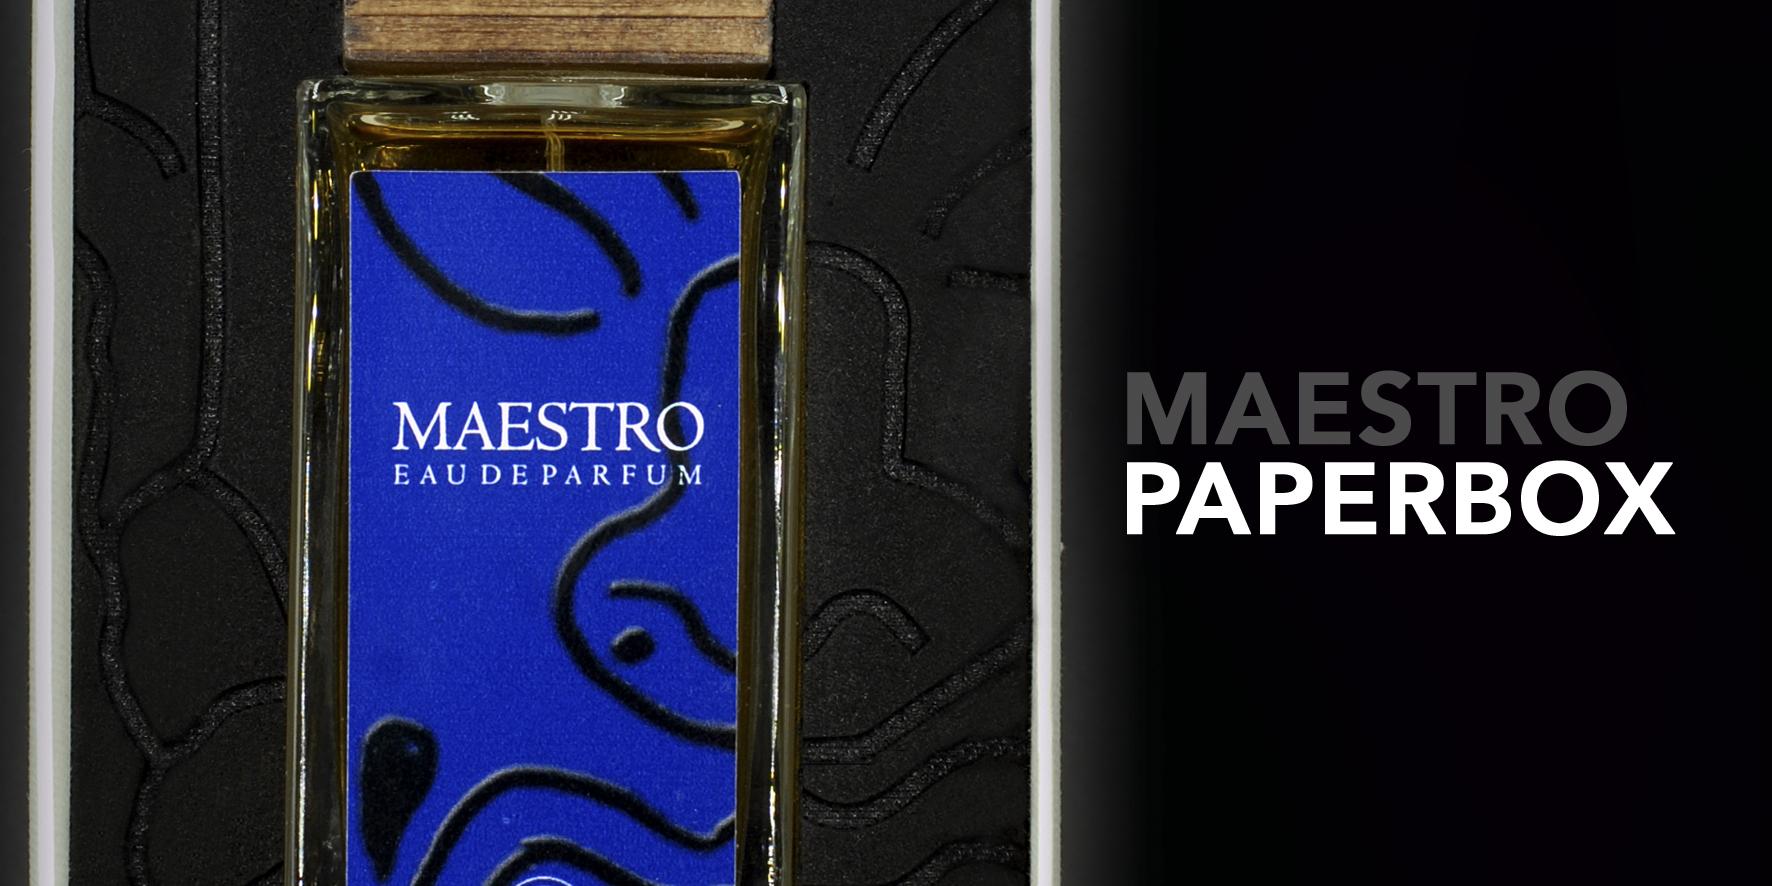 MAESTRO PAPERBOX